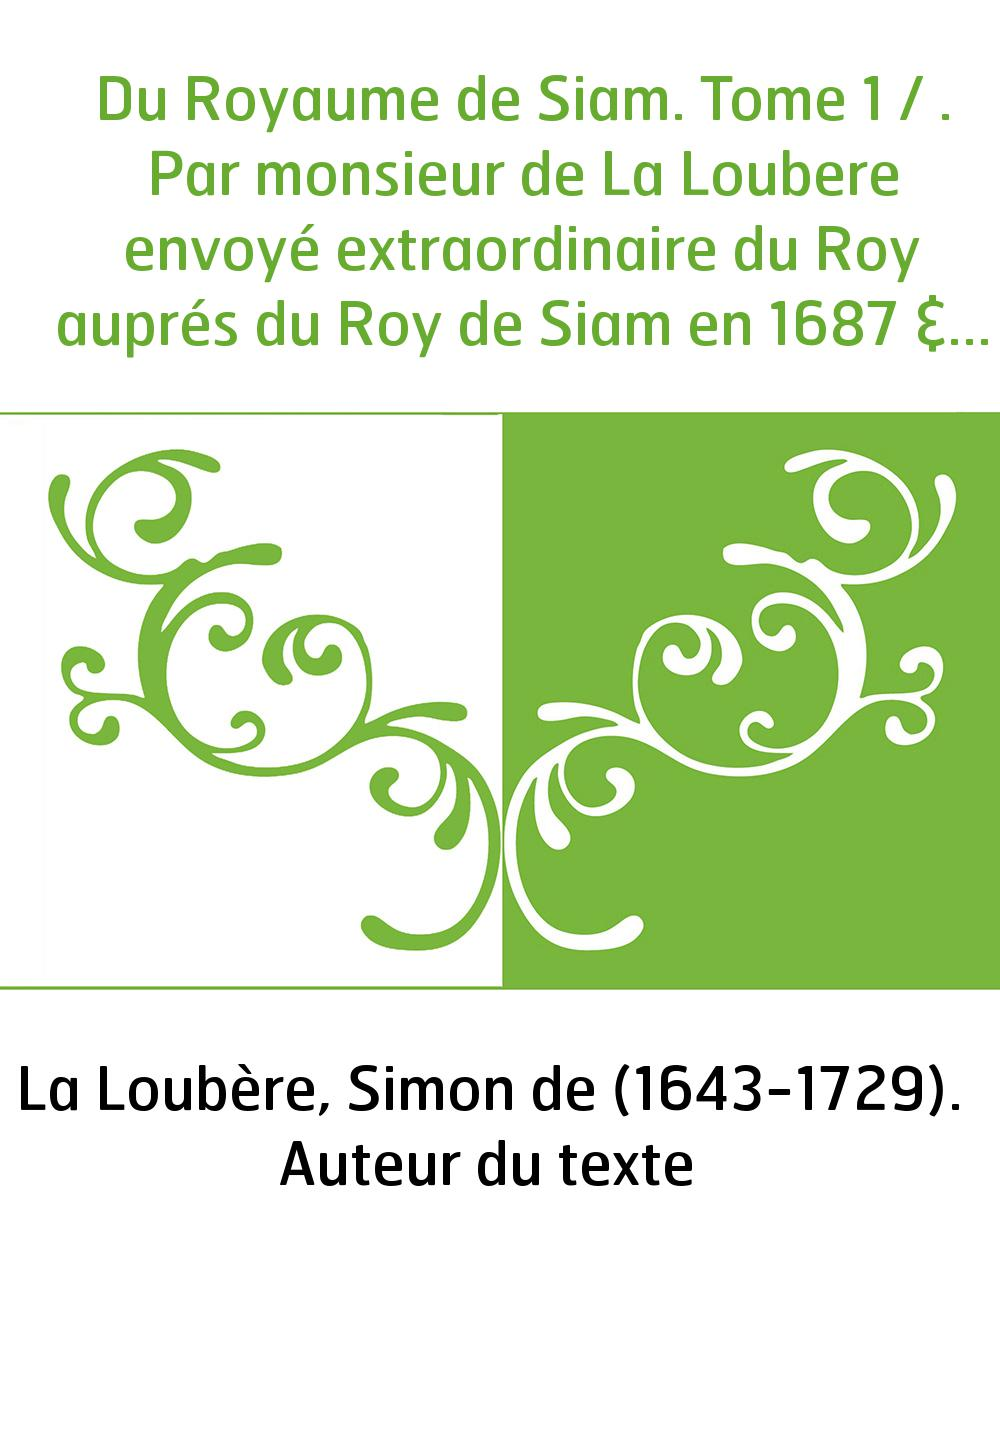 Du Royaume de Siam. Tome 1 / . Par monsieur de La Loubere envoyé extraordinaire du Roy auprés du Roy de Siam en 1687 & 1688. Tom